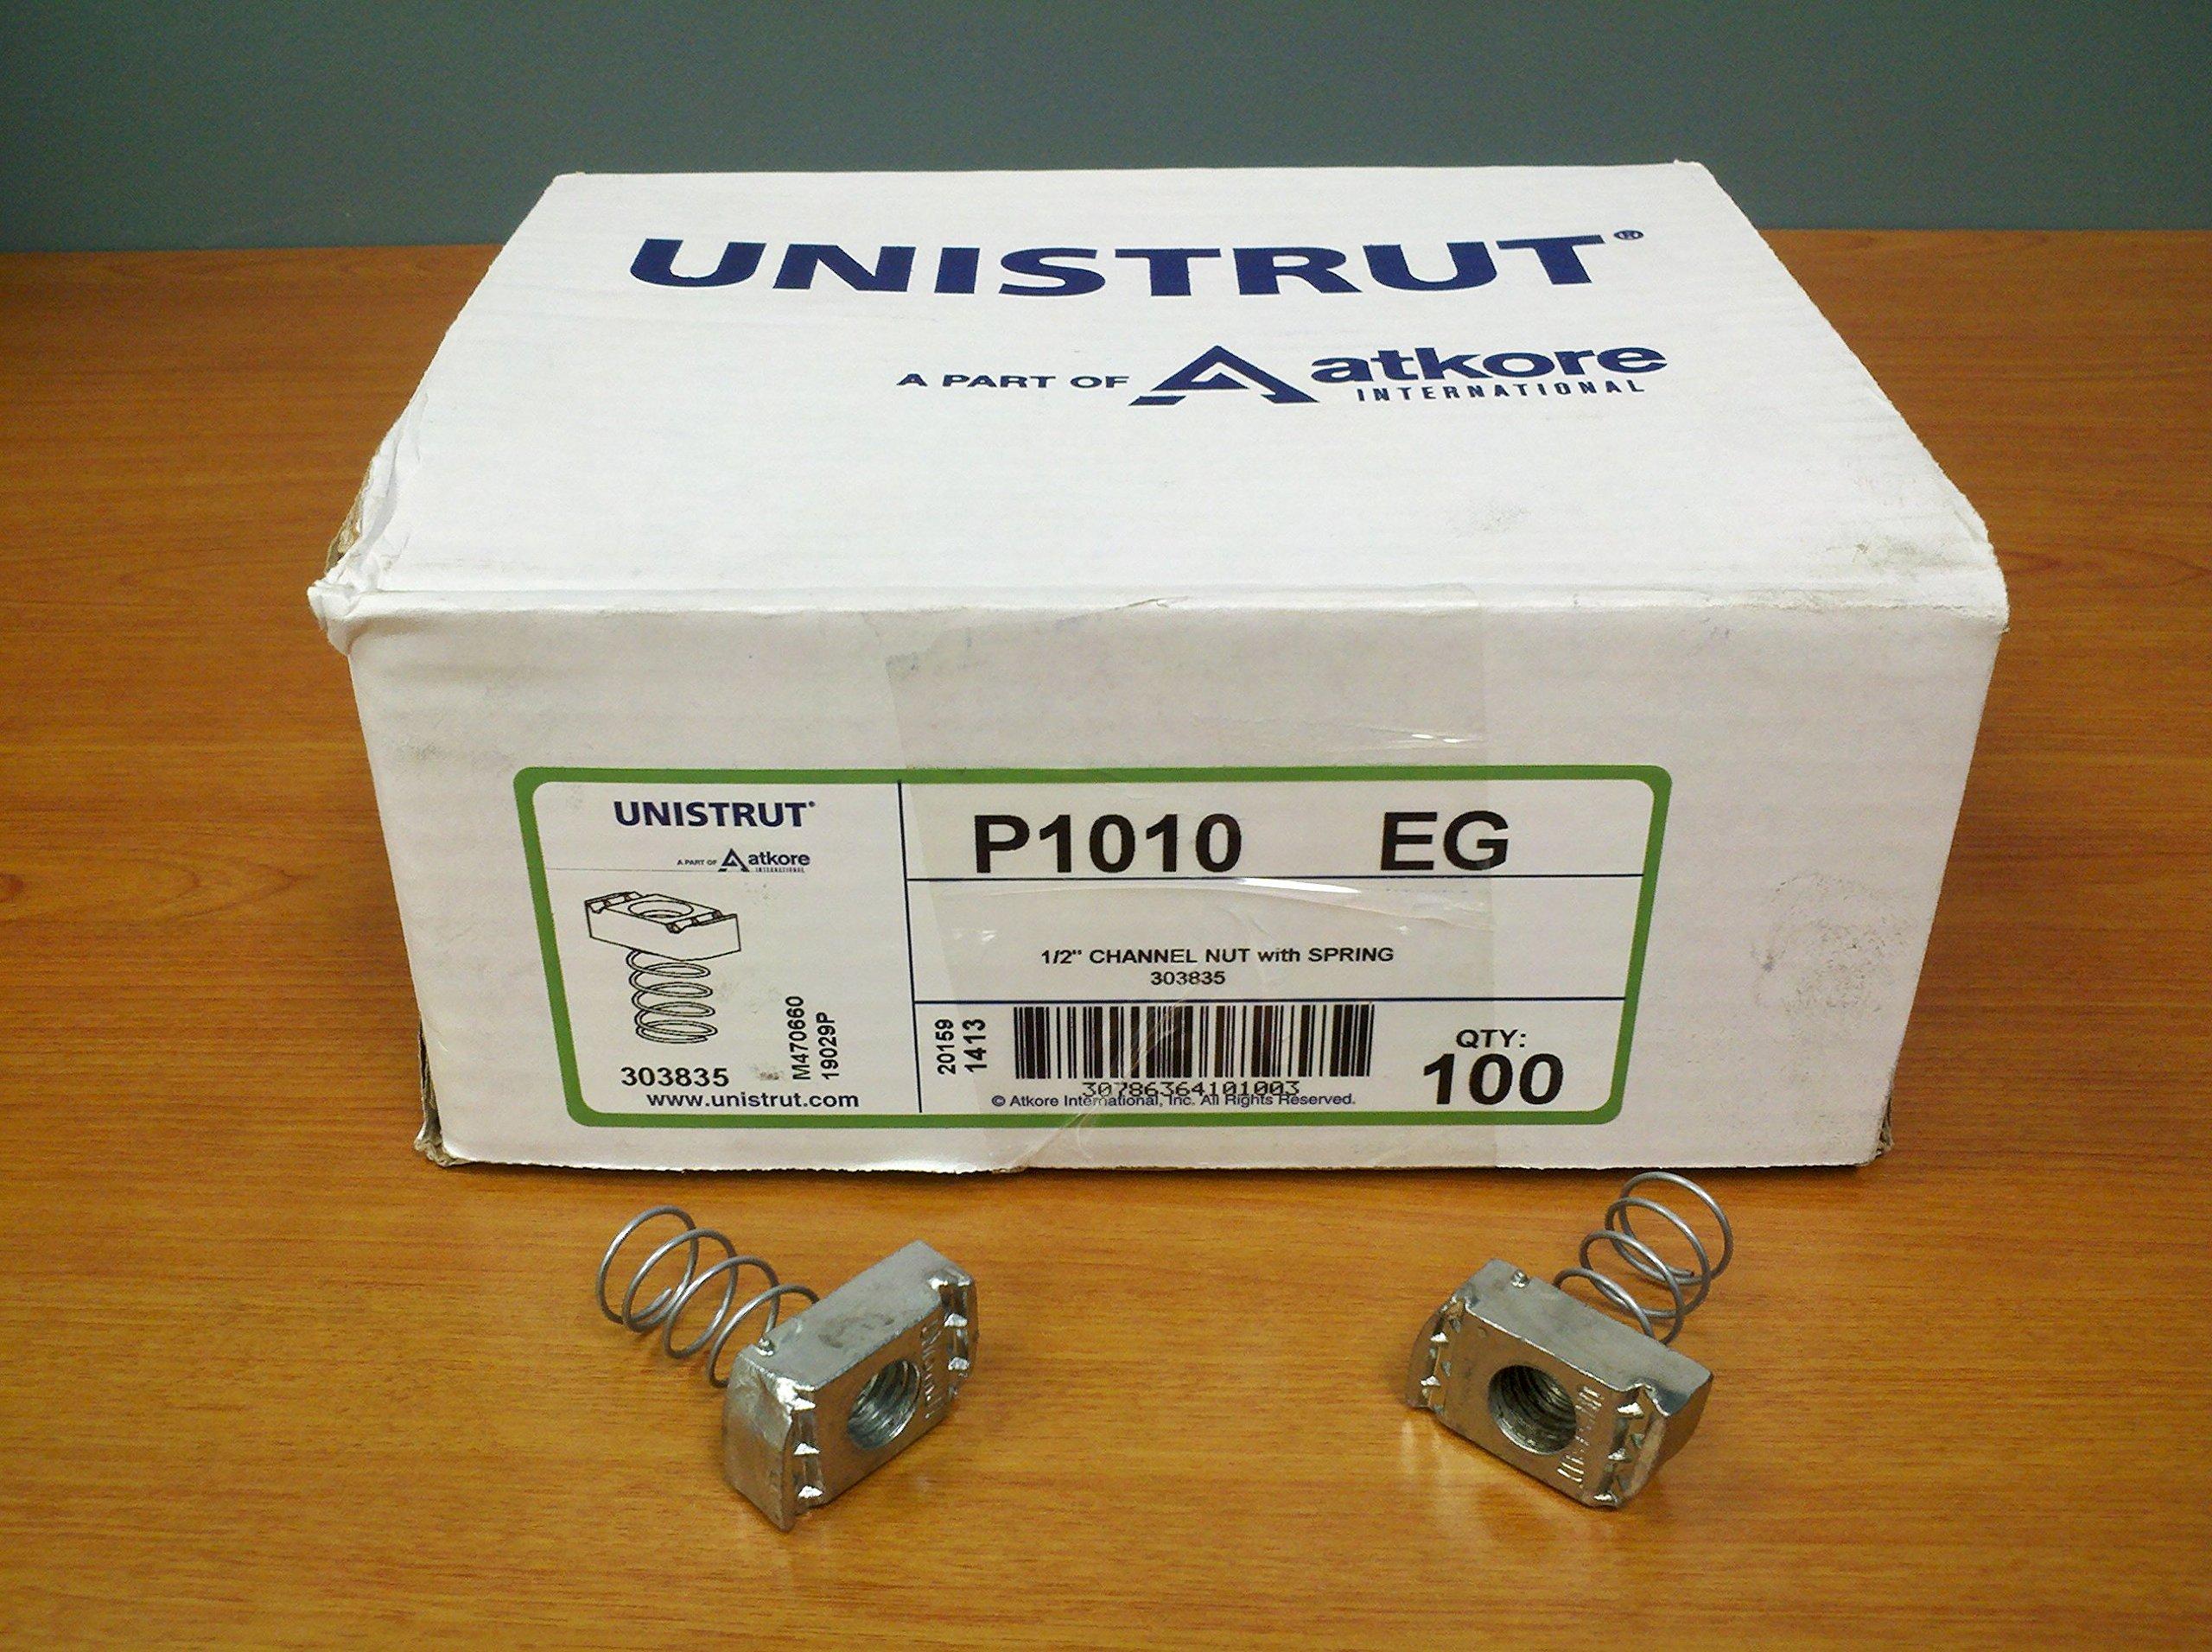 Unistrut 1-5/8'' Channel Nut, Electro-Galvanized, 1/2-13 - Lot of 100 by UNISTRUT